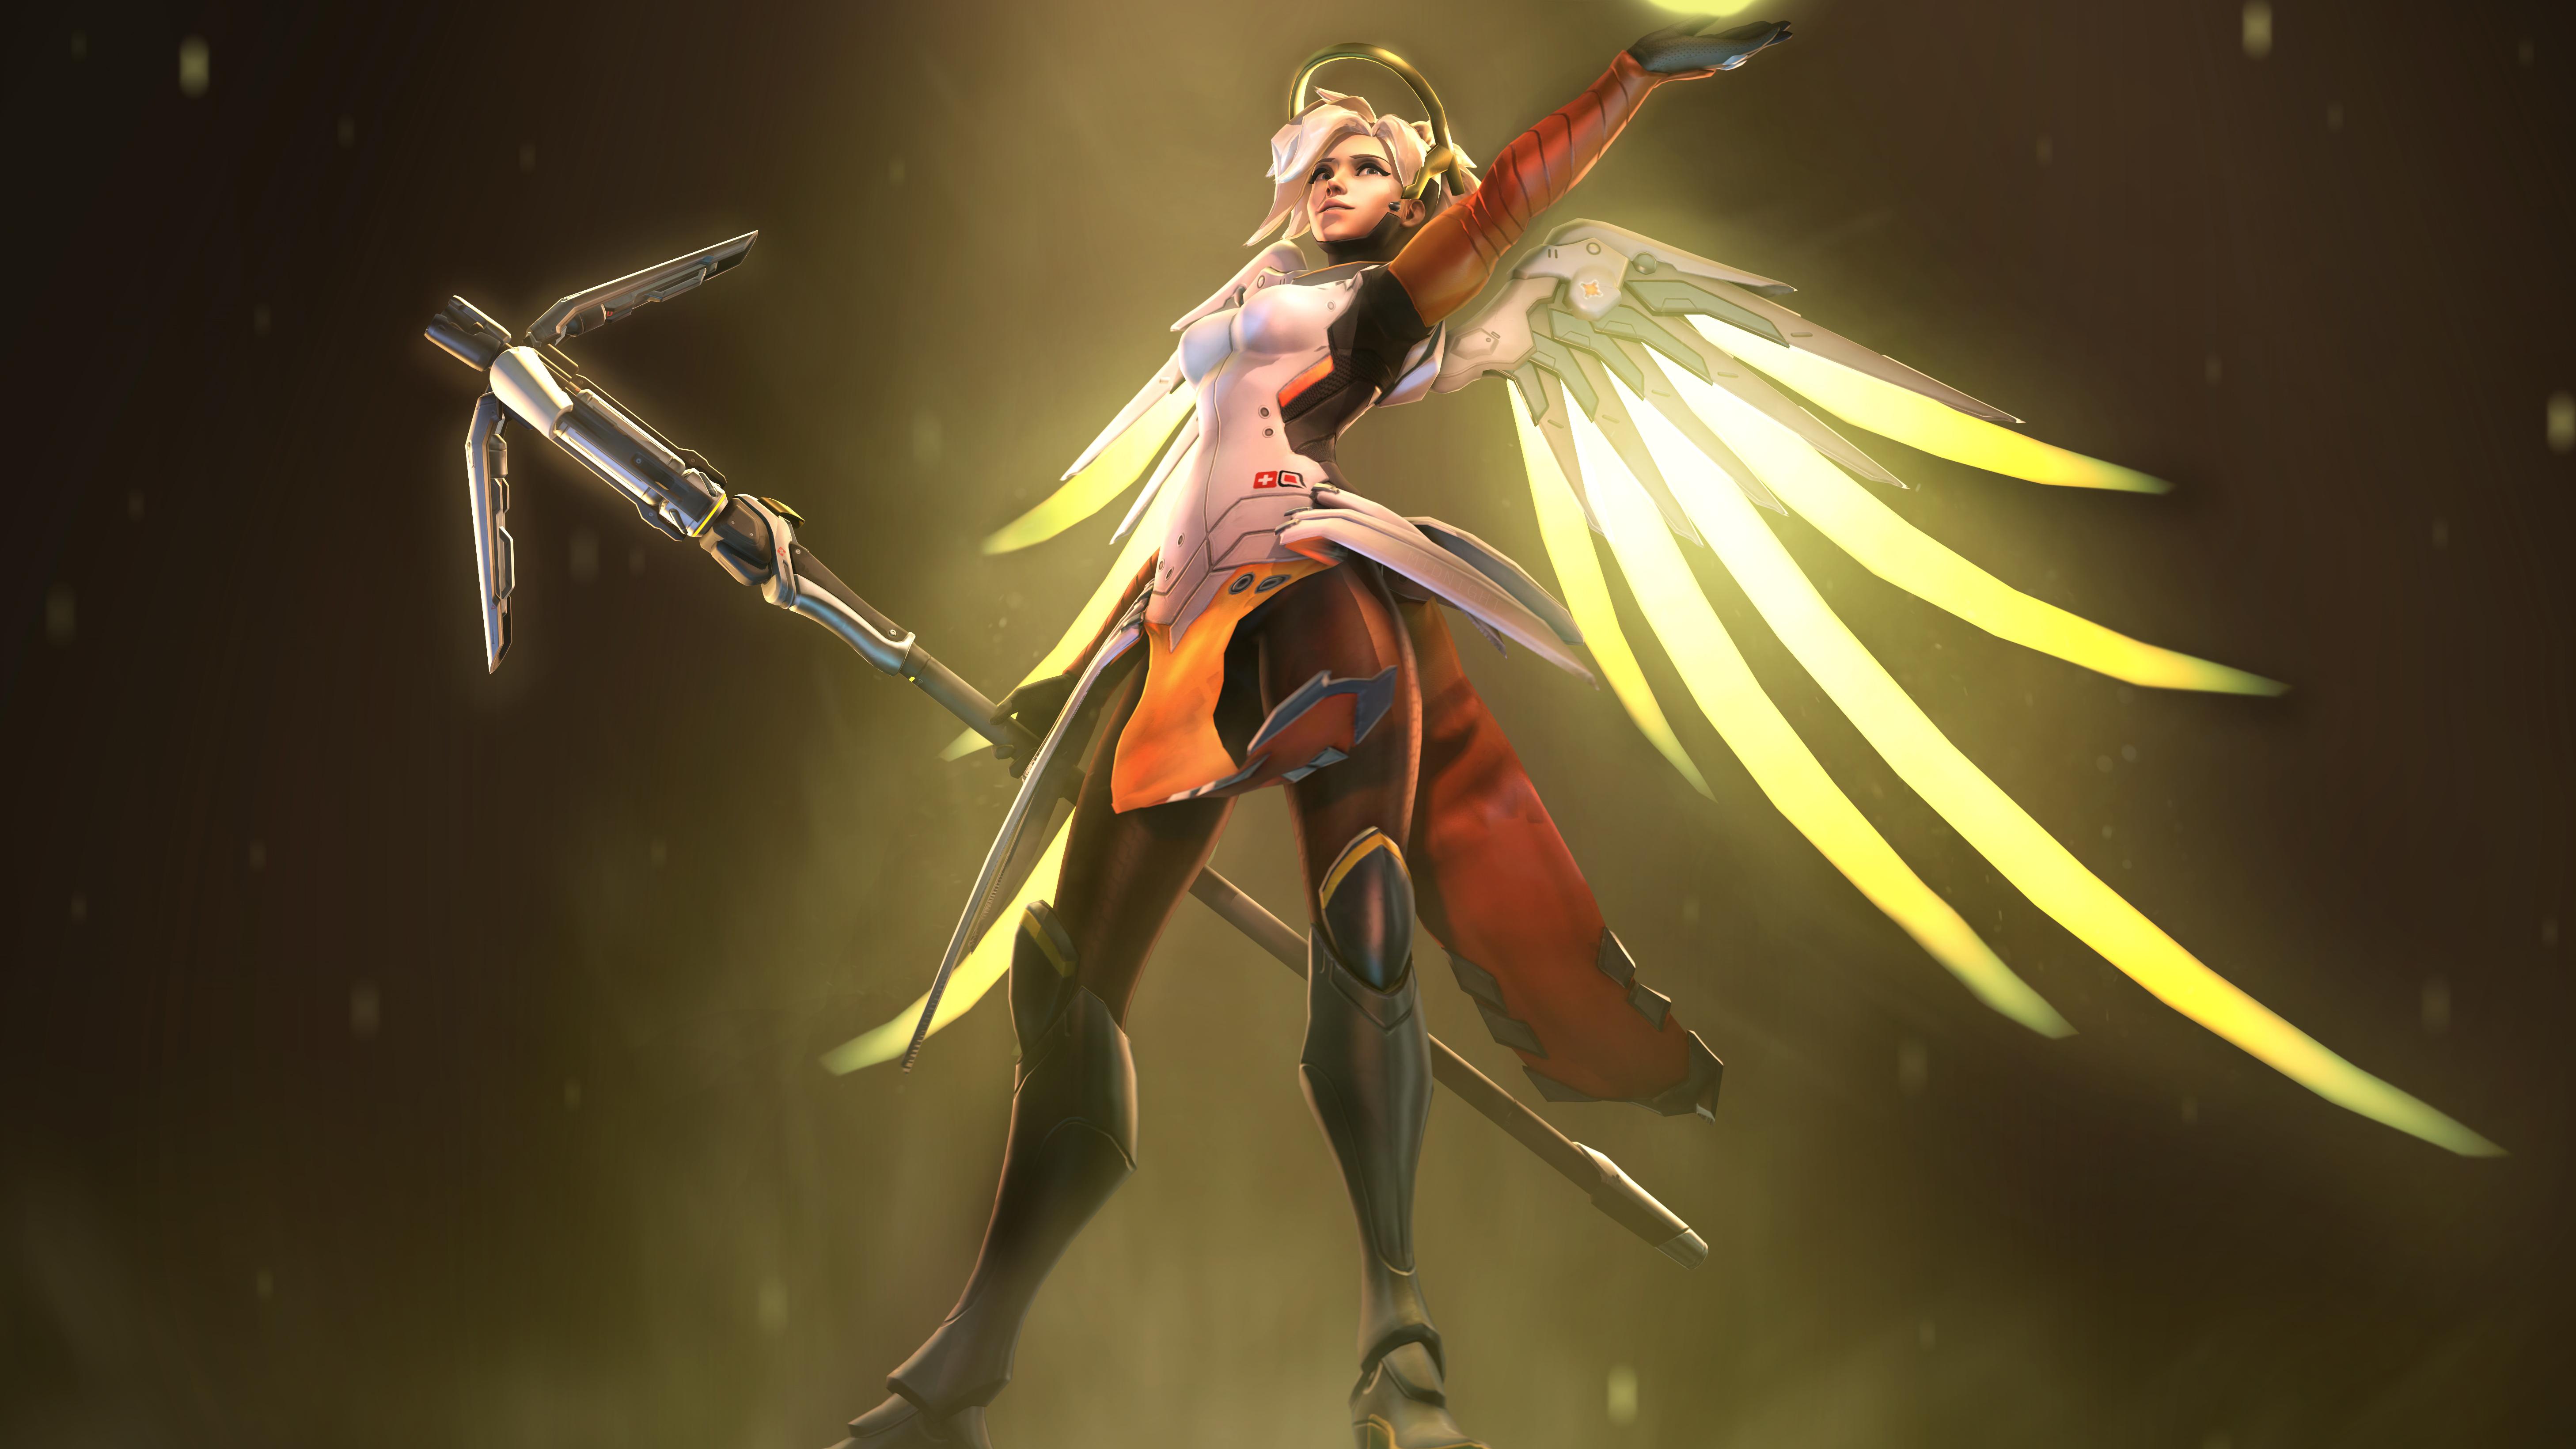 Mercy Overwatch Fanart 5k, HD Games, 4k Wallpapers, Images ...